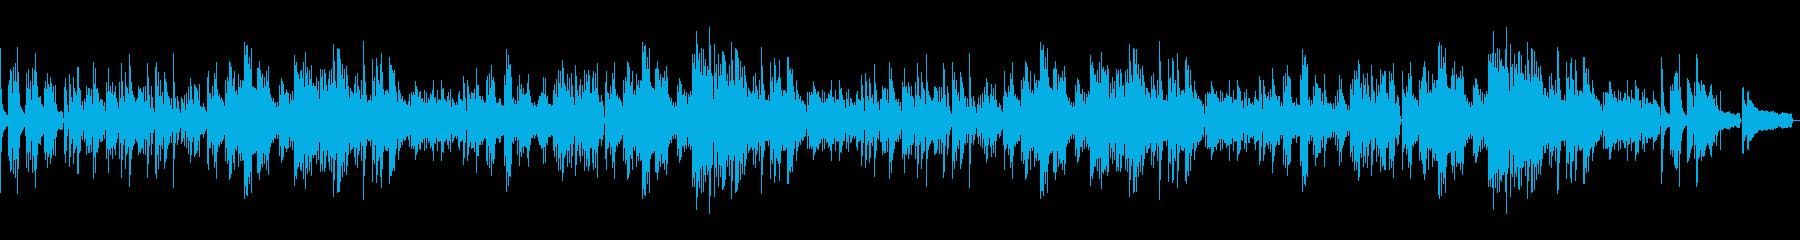 ピアノでオシャレに 別れの曲・ショパン2の再生済みの波形